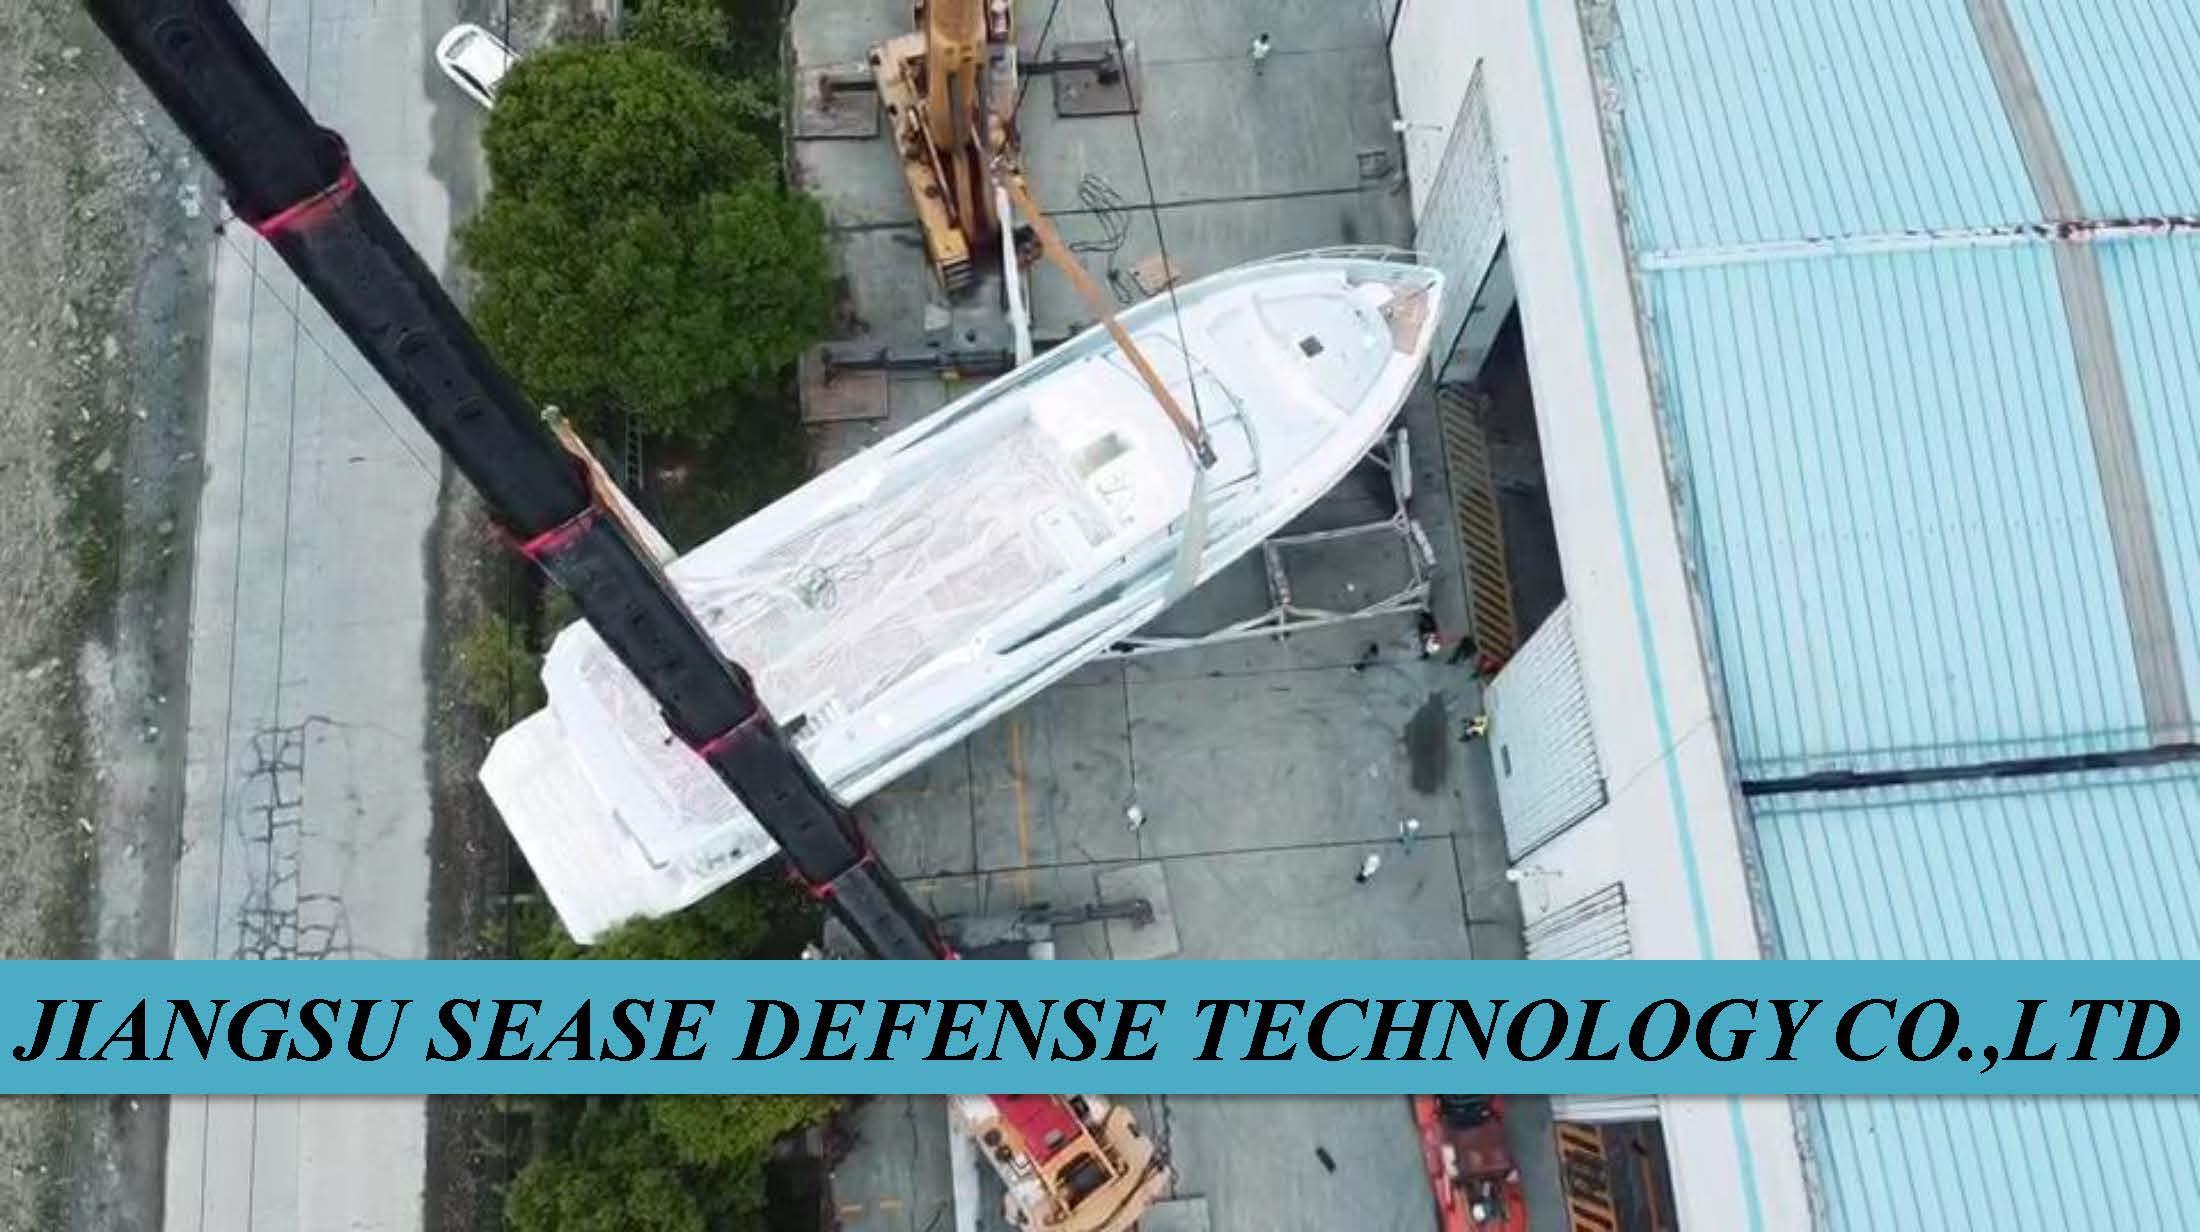 星瑞SEASE 88ft超級游艇安全行河